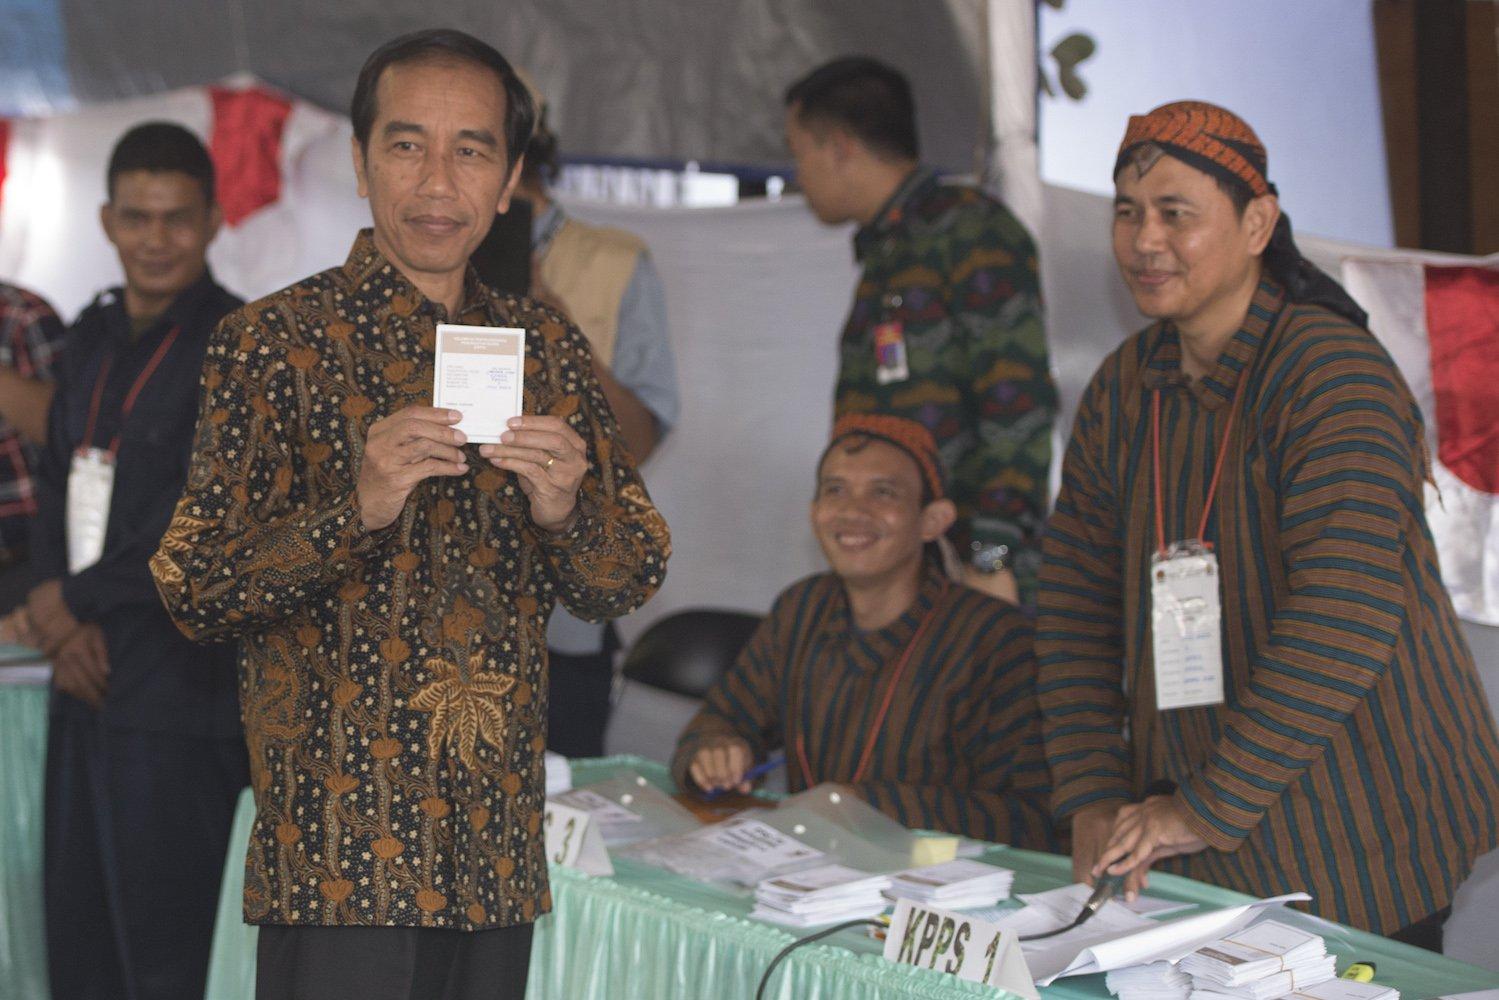 Presiden Joko Widodo (kiri) menunjukkan surat suara sebelum mencolobos dalam Pilkada DKI Jakarta di TPS 04 Gambir, Jakarta, Rabu (15/2). Komisi Pemilihan Umum (KPU) menggelar pemilihan umum kepala daerah secara serentak di 101 daerah pemilihan.